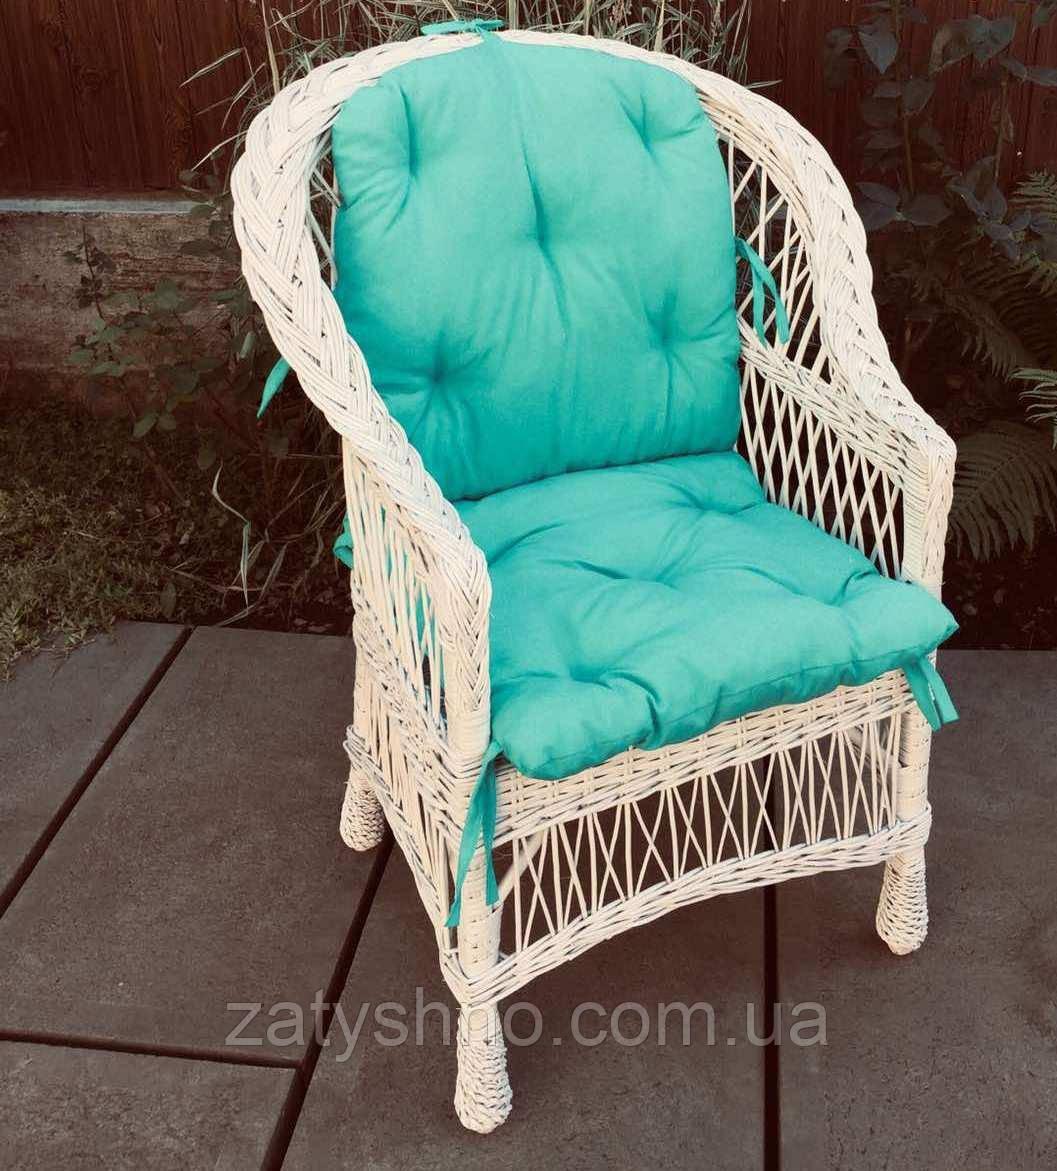 Кресло плетеное с зеленой  накидкой  | кресло из лозы плетеное | кресло из лозы с накидкой